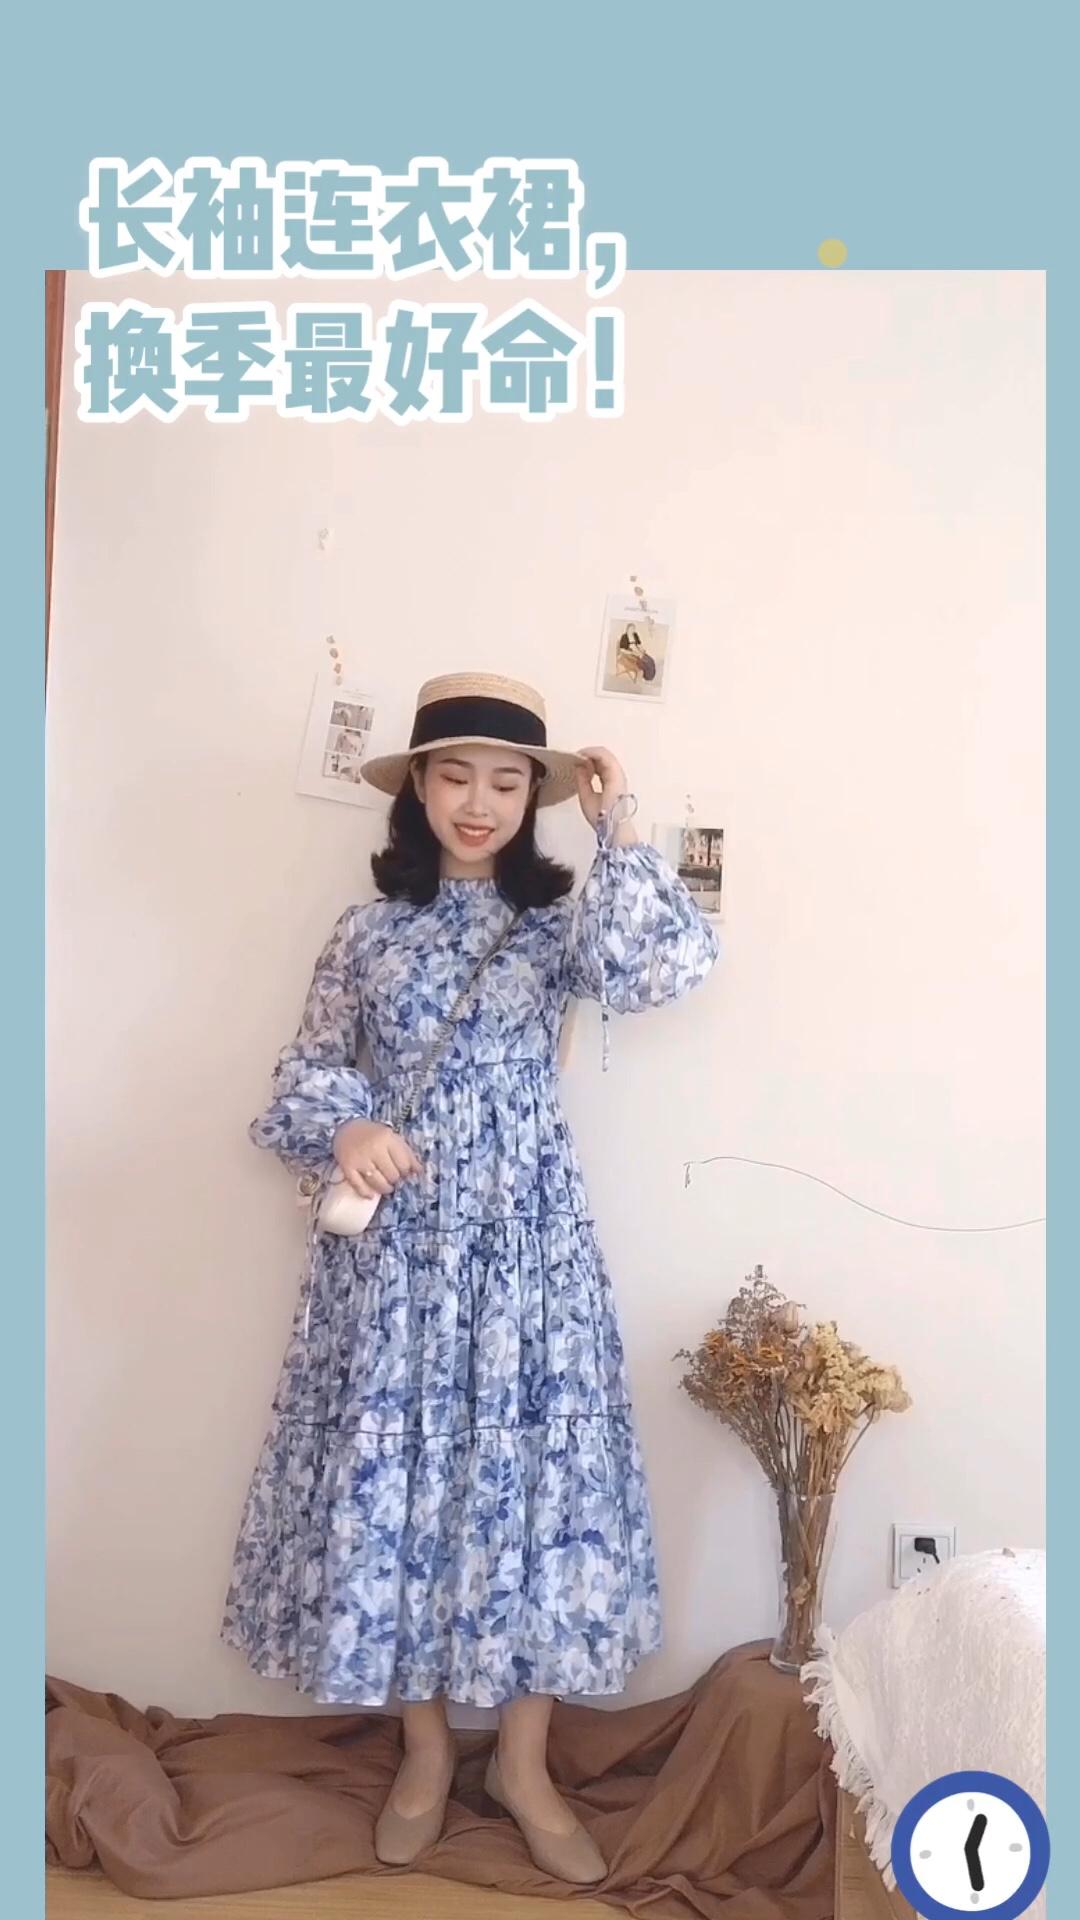 #长袖连衣裙,换季最好命# 150小个子穿搭 换季长袖连衣裙必入啊!! 蓝色青花瓷印花,太好看了!! 颜色也太显白了~ 裙摆超大!很仙哦~ 袖子的设计也很好看哦!!搭配一顶草编帽就可以出门啦! 包包搭配一个白色的链条包就很好看哦!